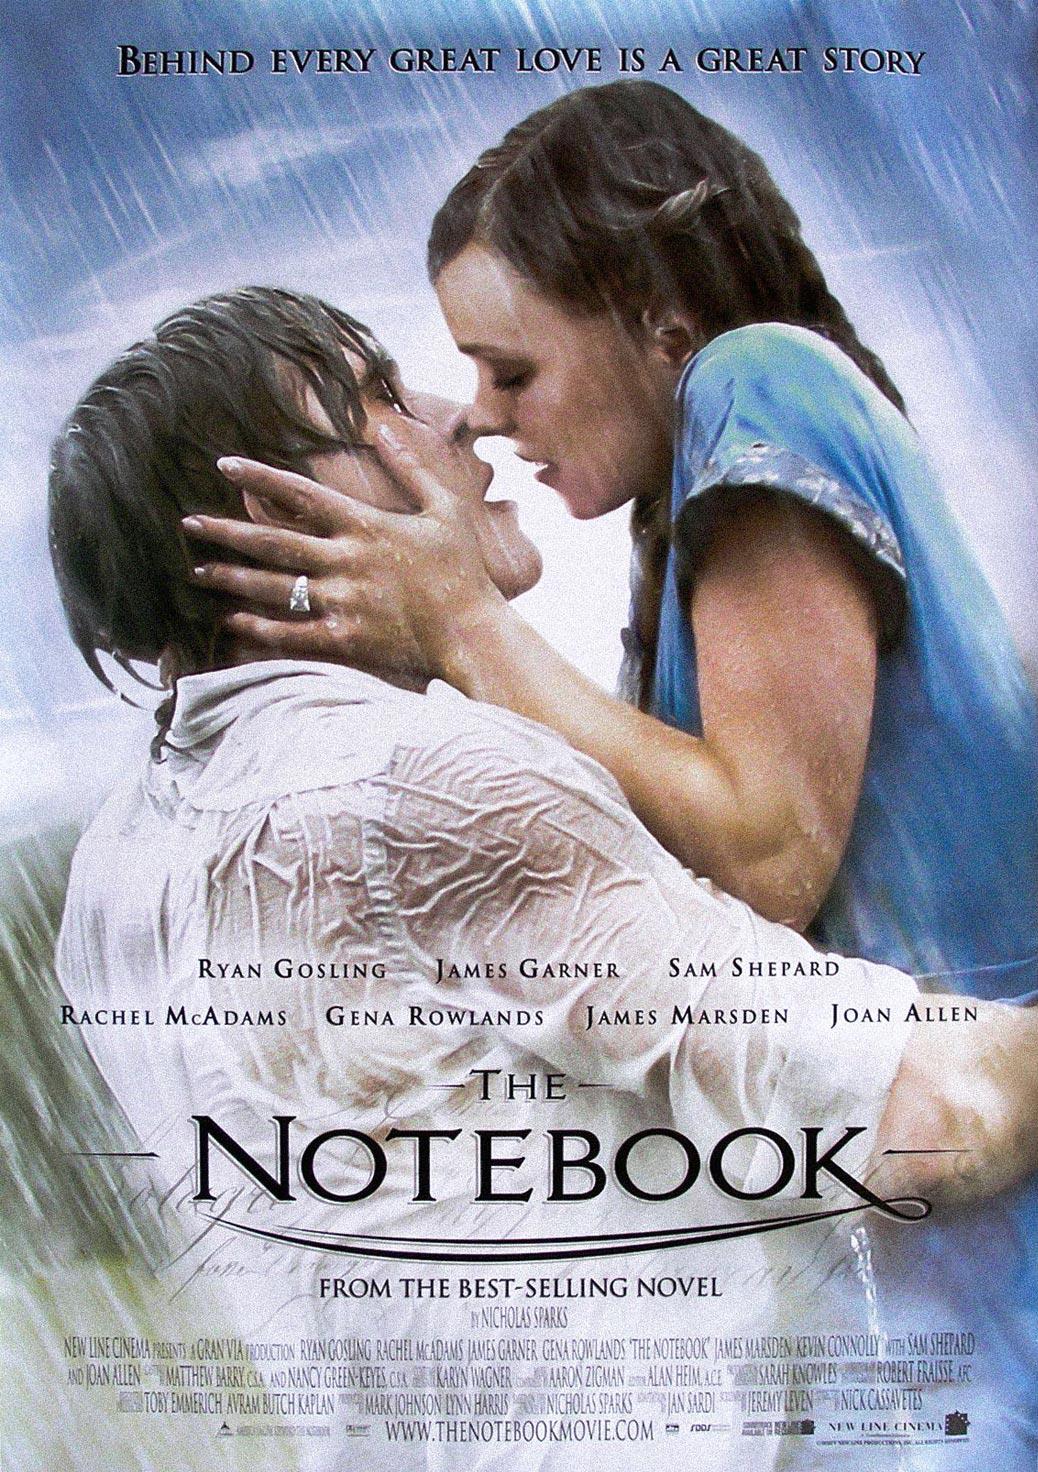 Der Film The Notebook - Wie ein einziger Tag